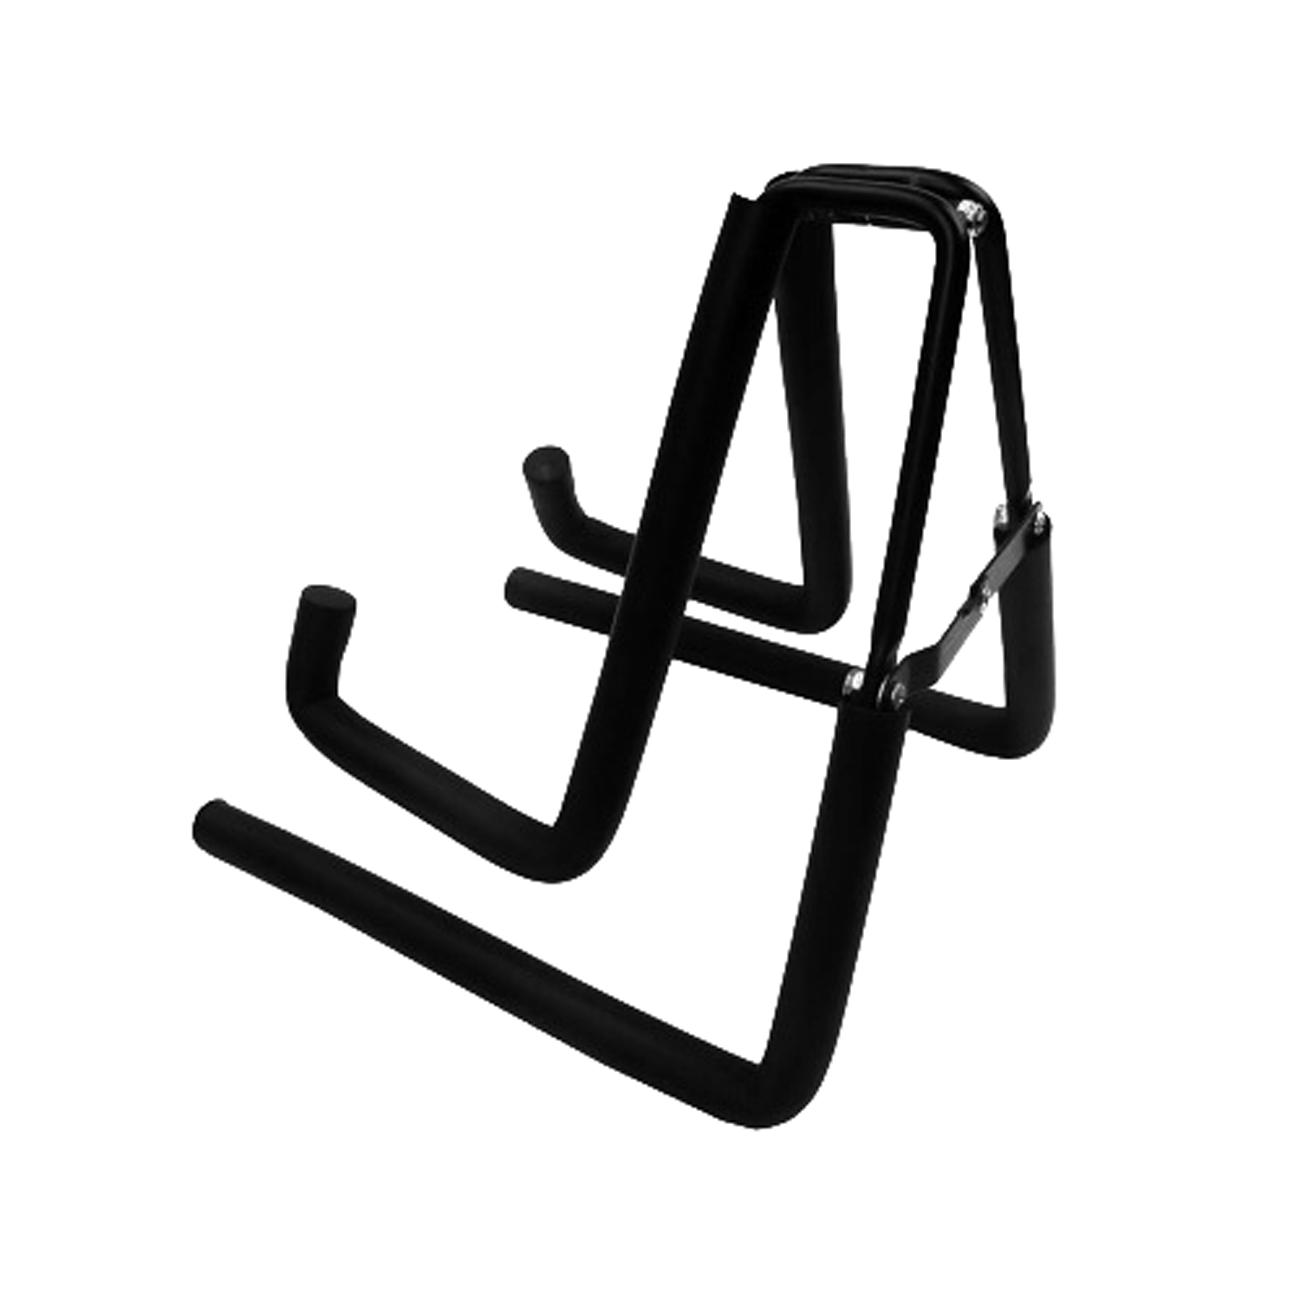 Suporte de Chão Dobrável em Metal P/ Violino/ Ukulele